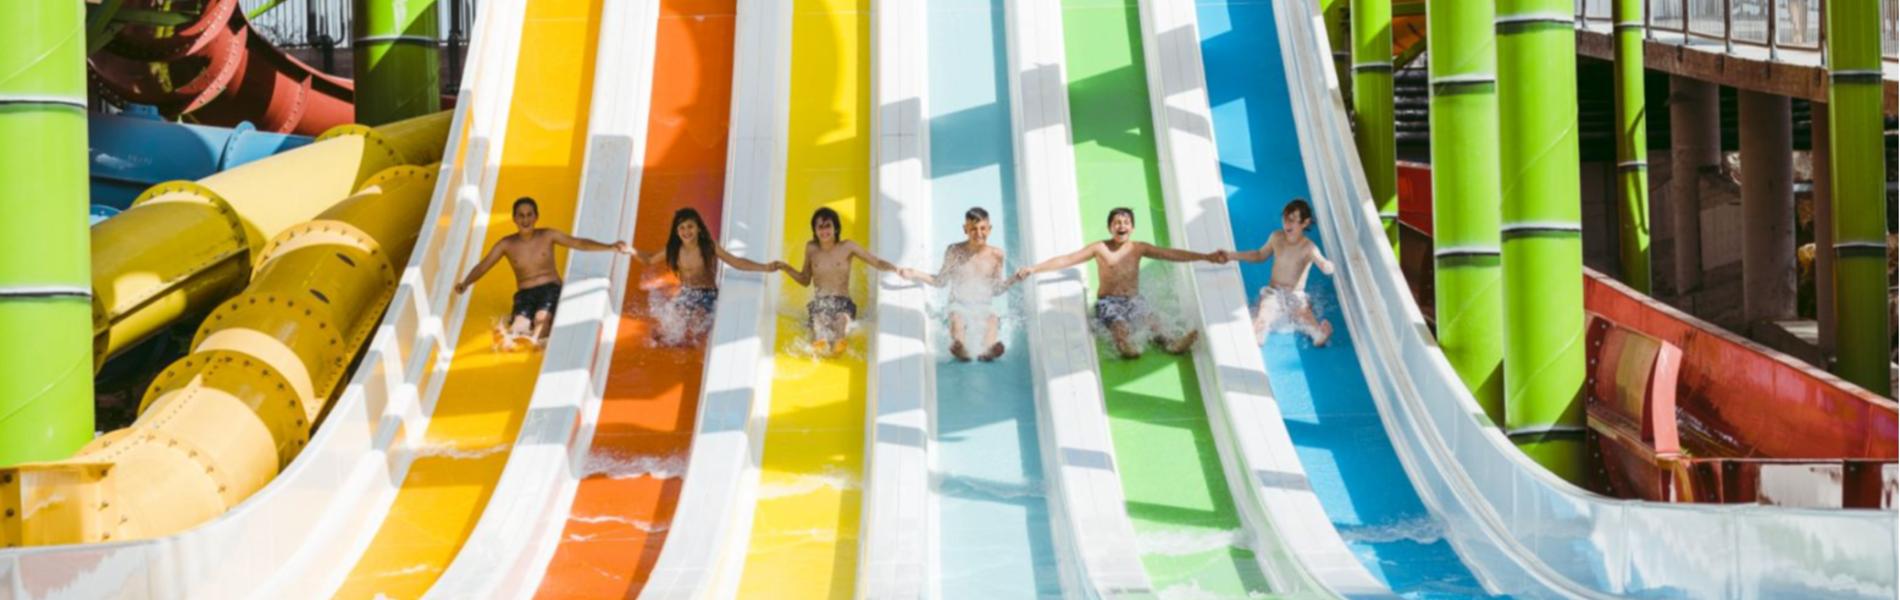 קיץ 2021: מדריך אירועים ואטרקציות לכל המשפחה